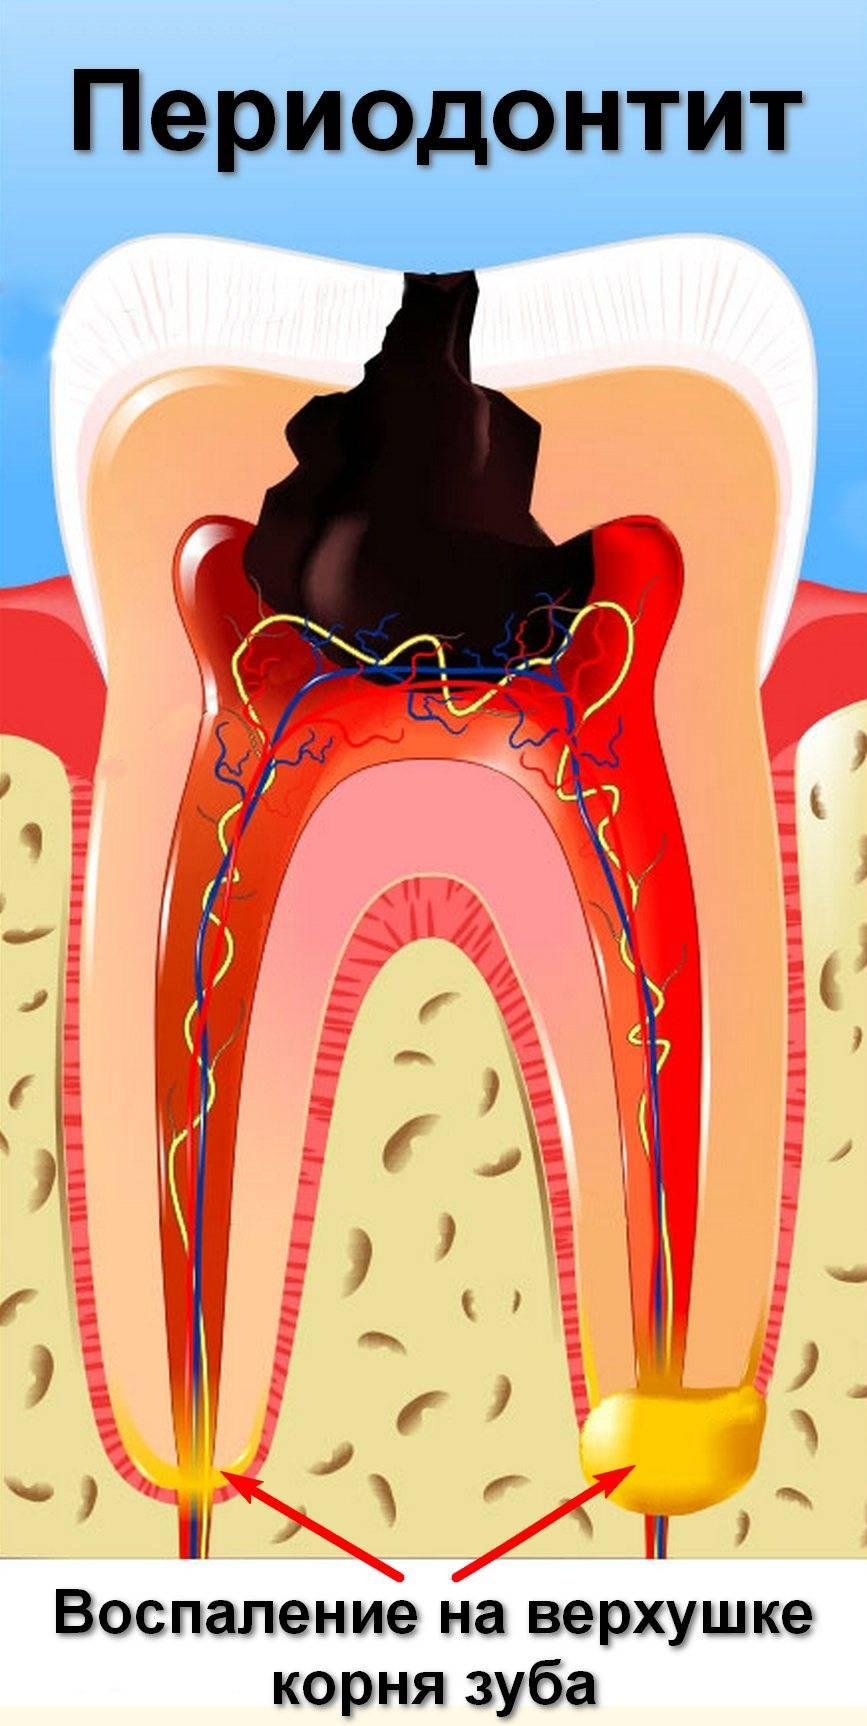 Лечение пульпита: этапы, методы и средства